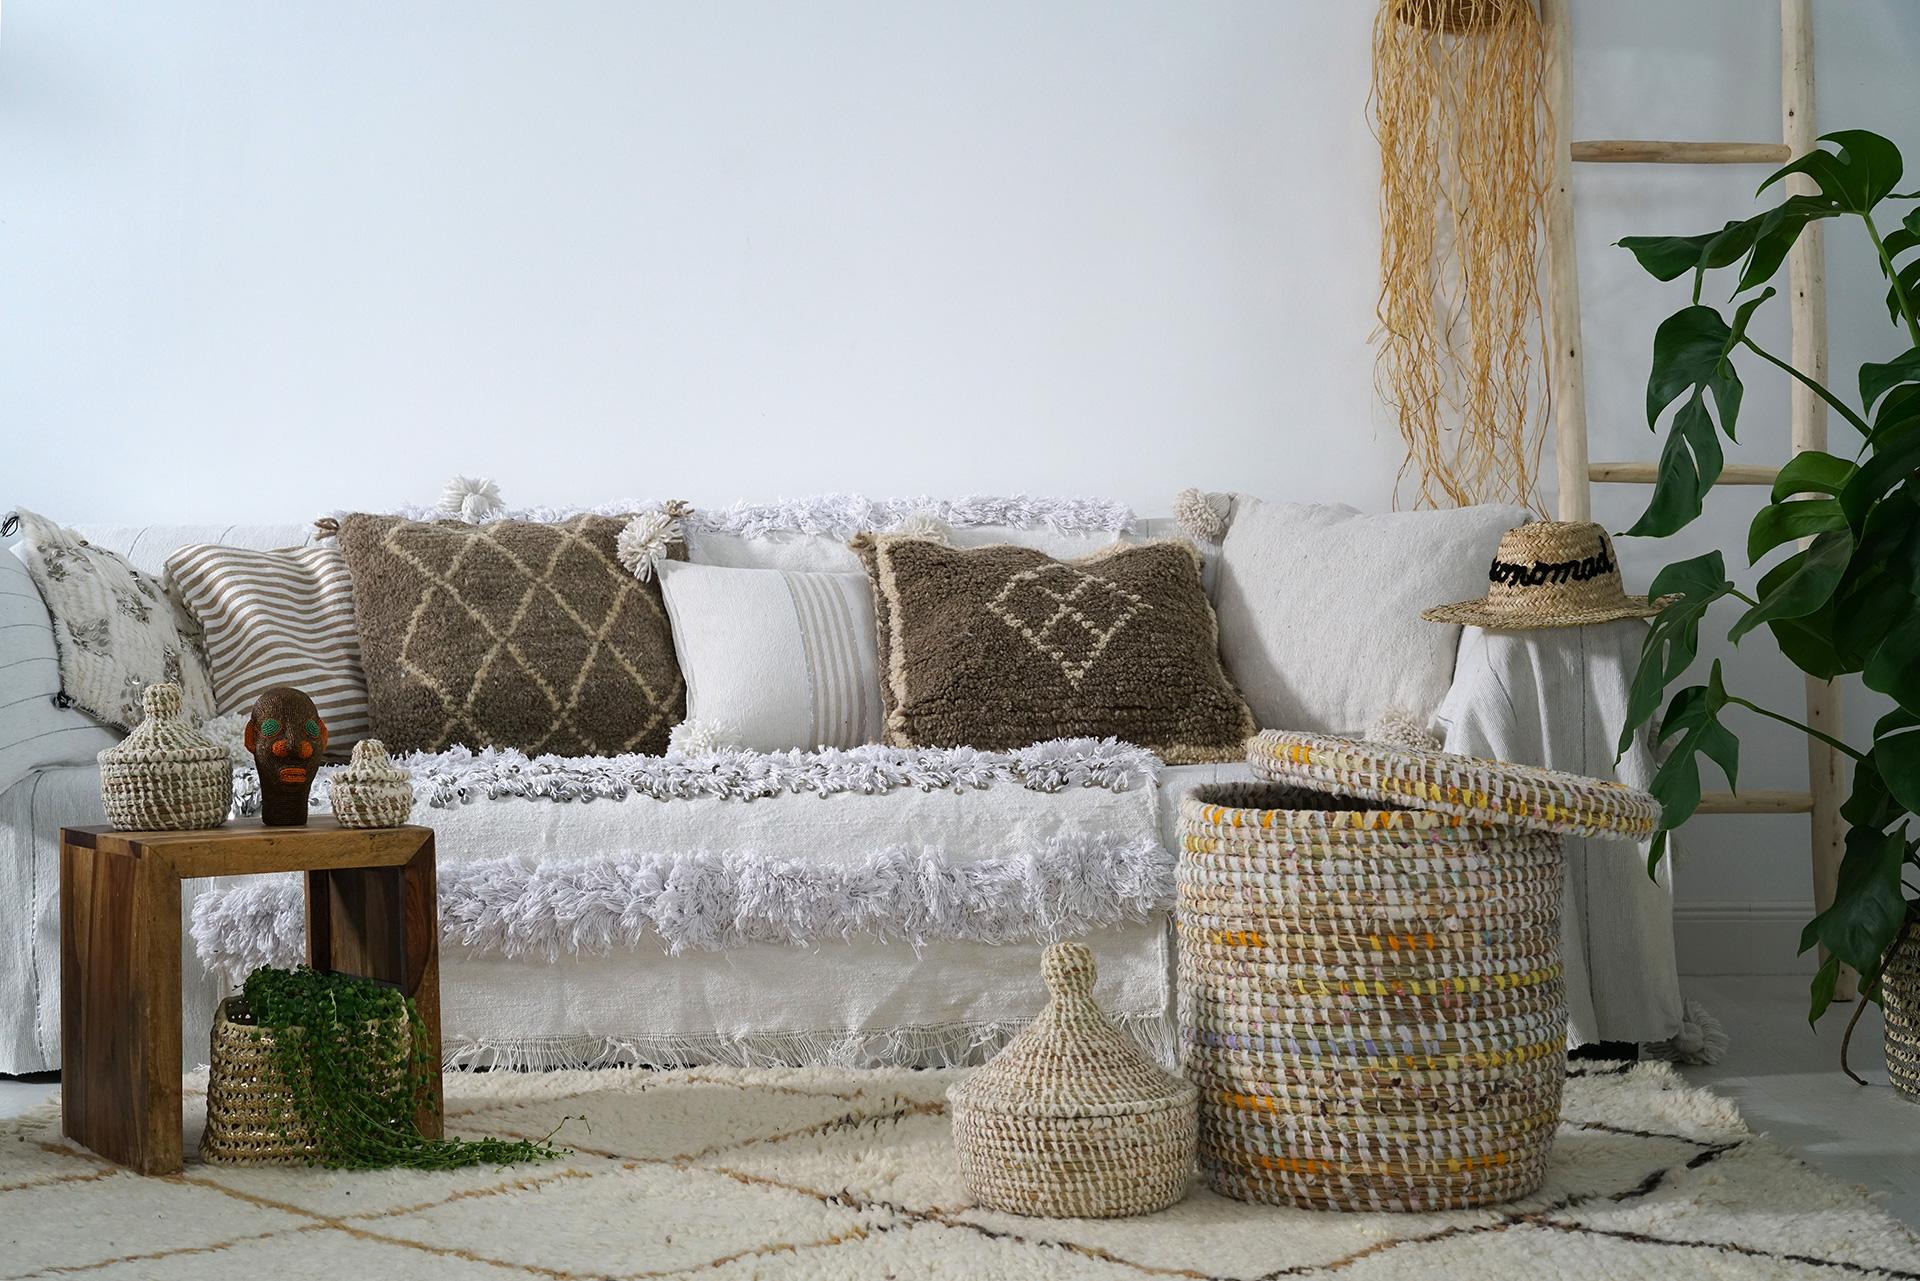 housse de coussin berb re en laine deconomad. Black Bedroom Furniture Sets. Home Design Ideas